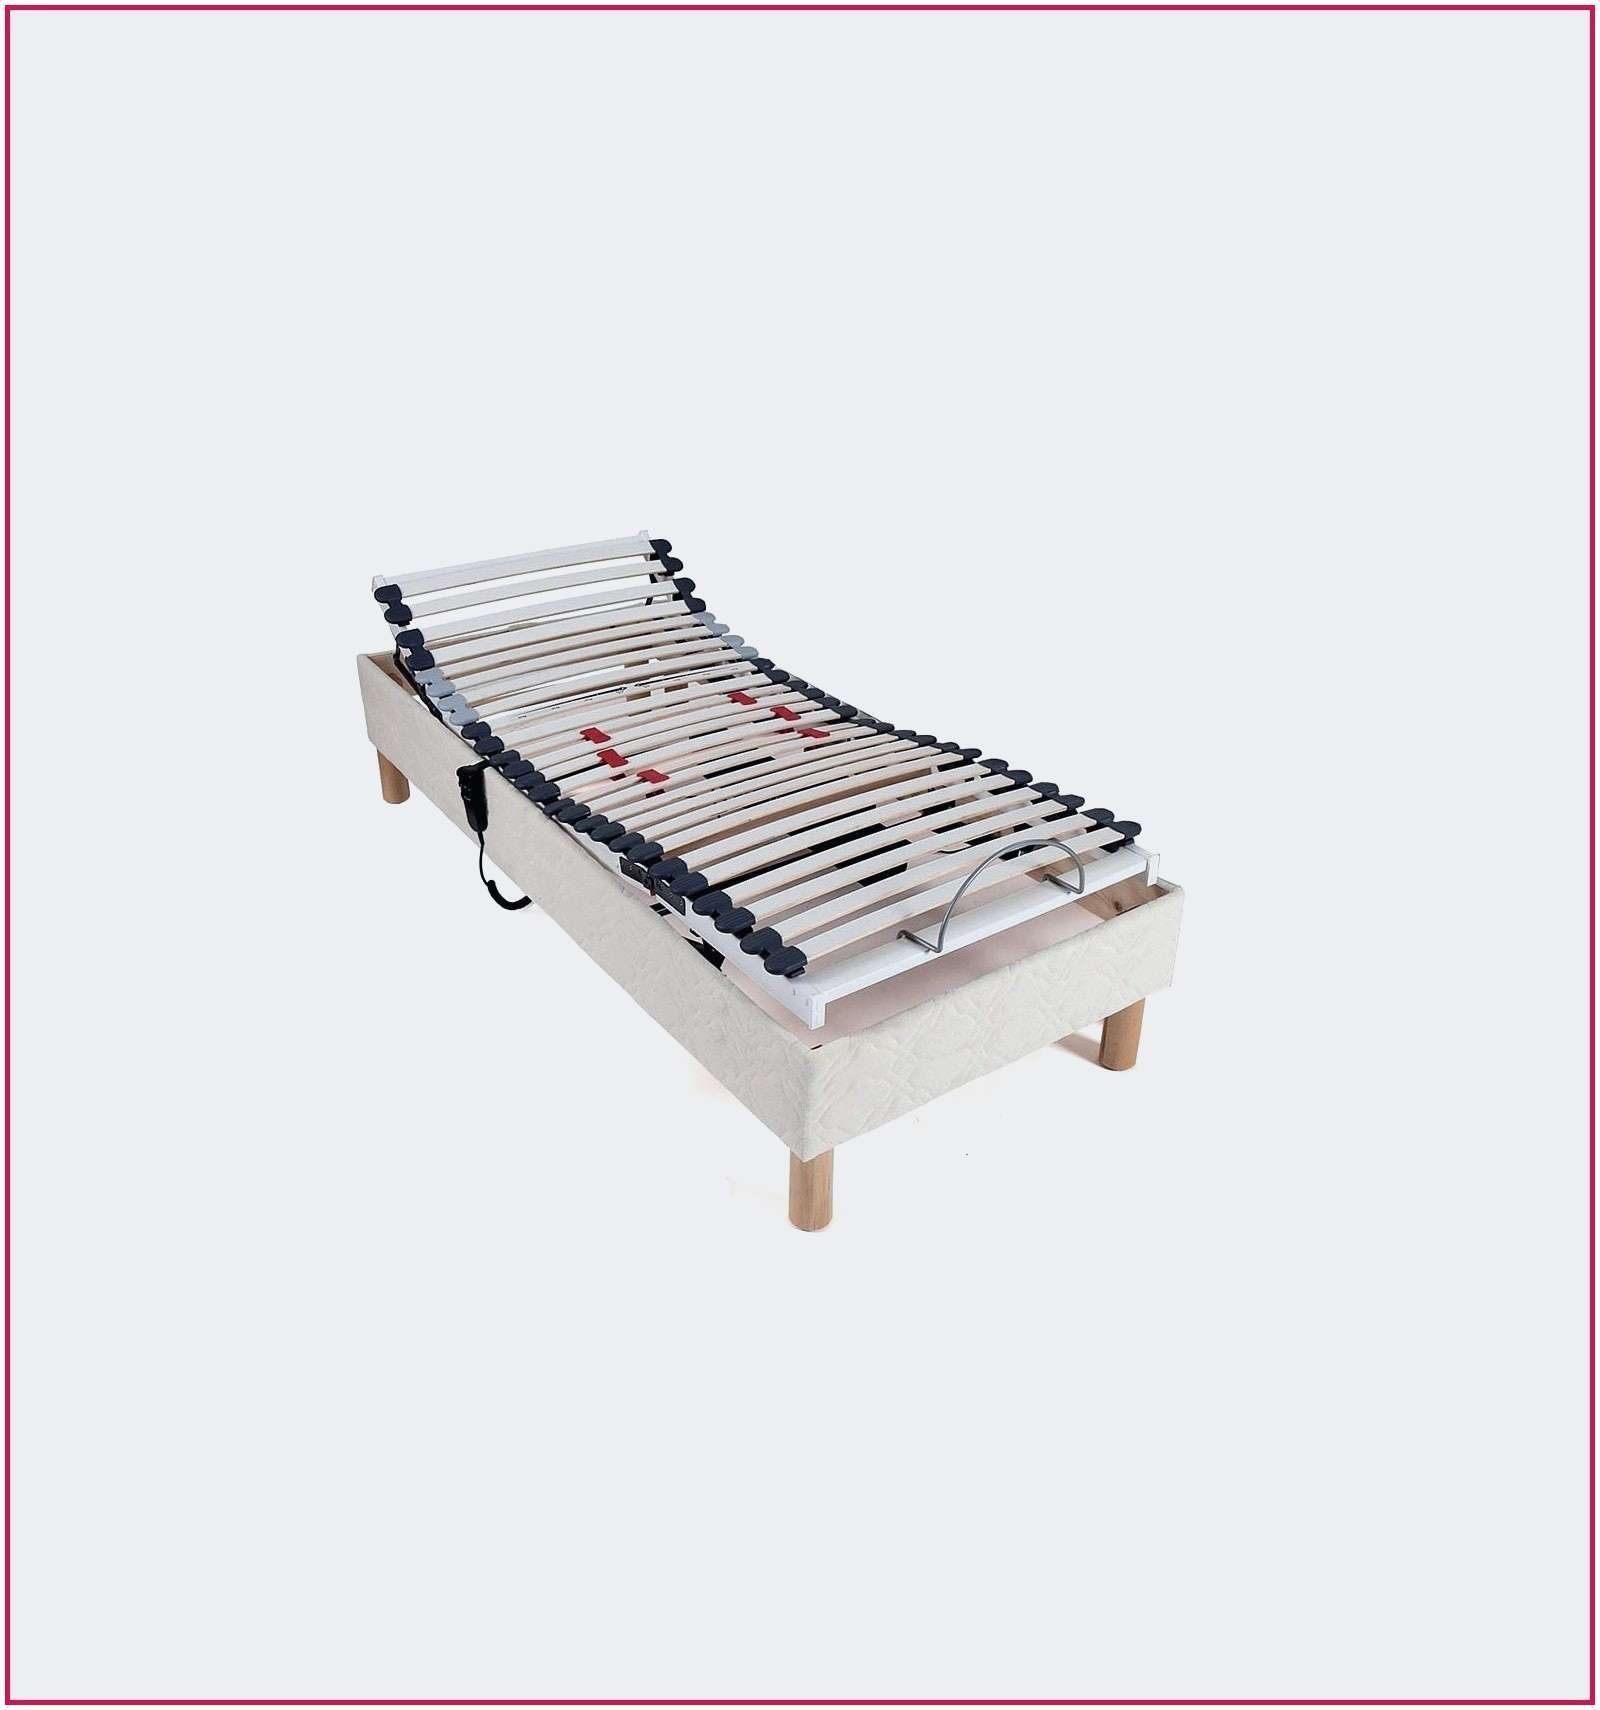 Lit Electrique 160×200 Bel Matelas 70